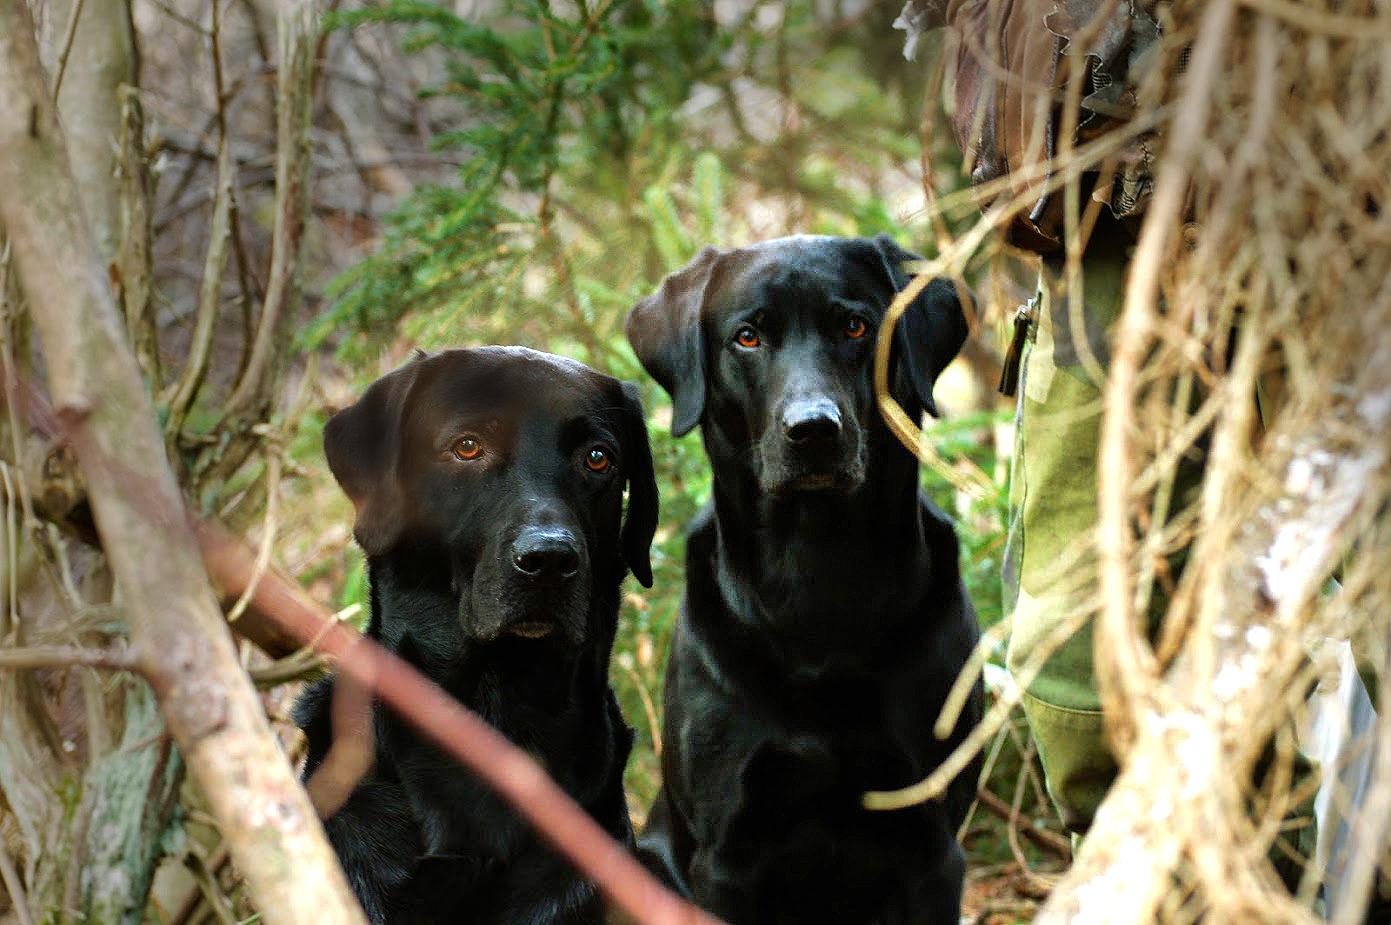 Bröderna brothers, Argo och Snaps.